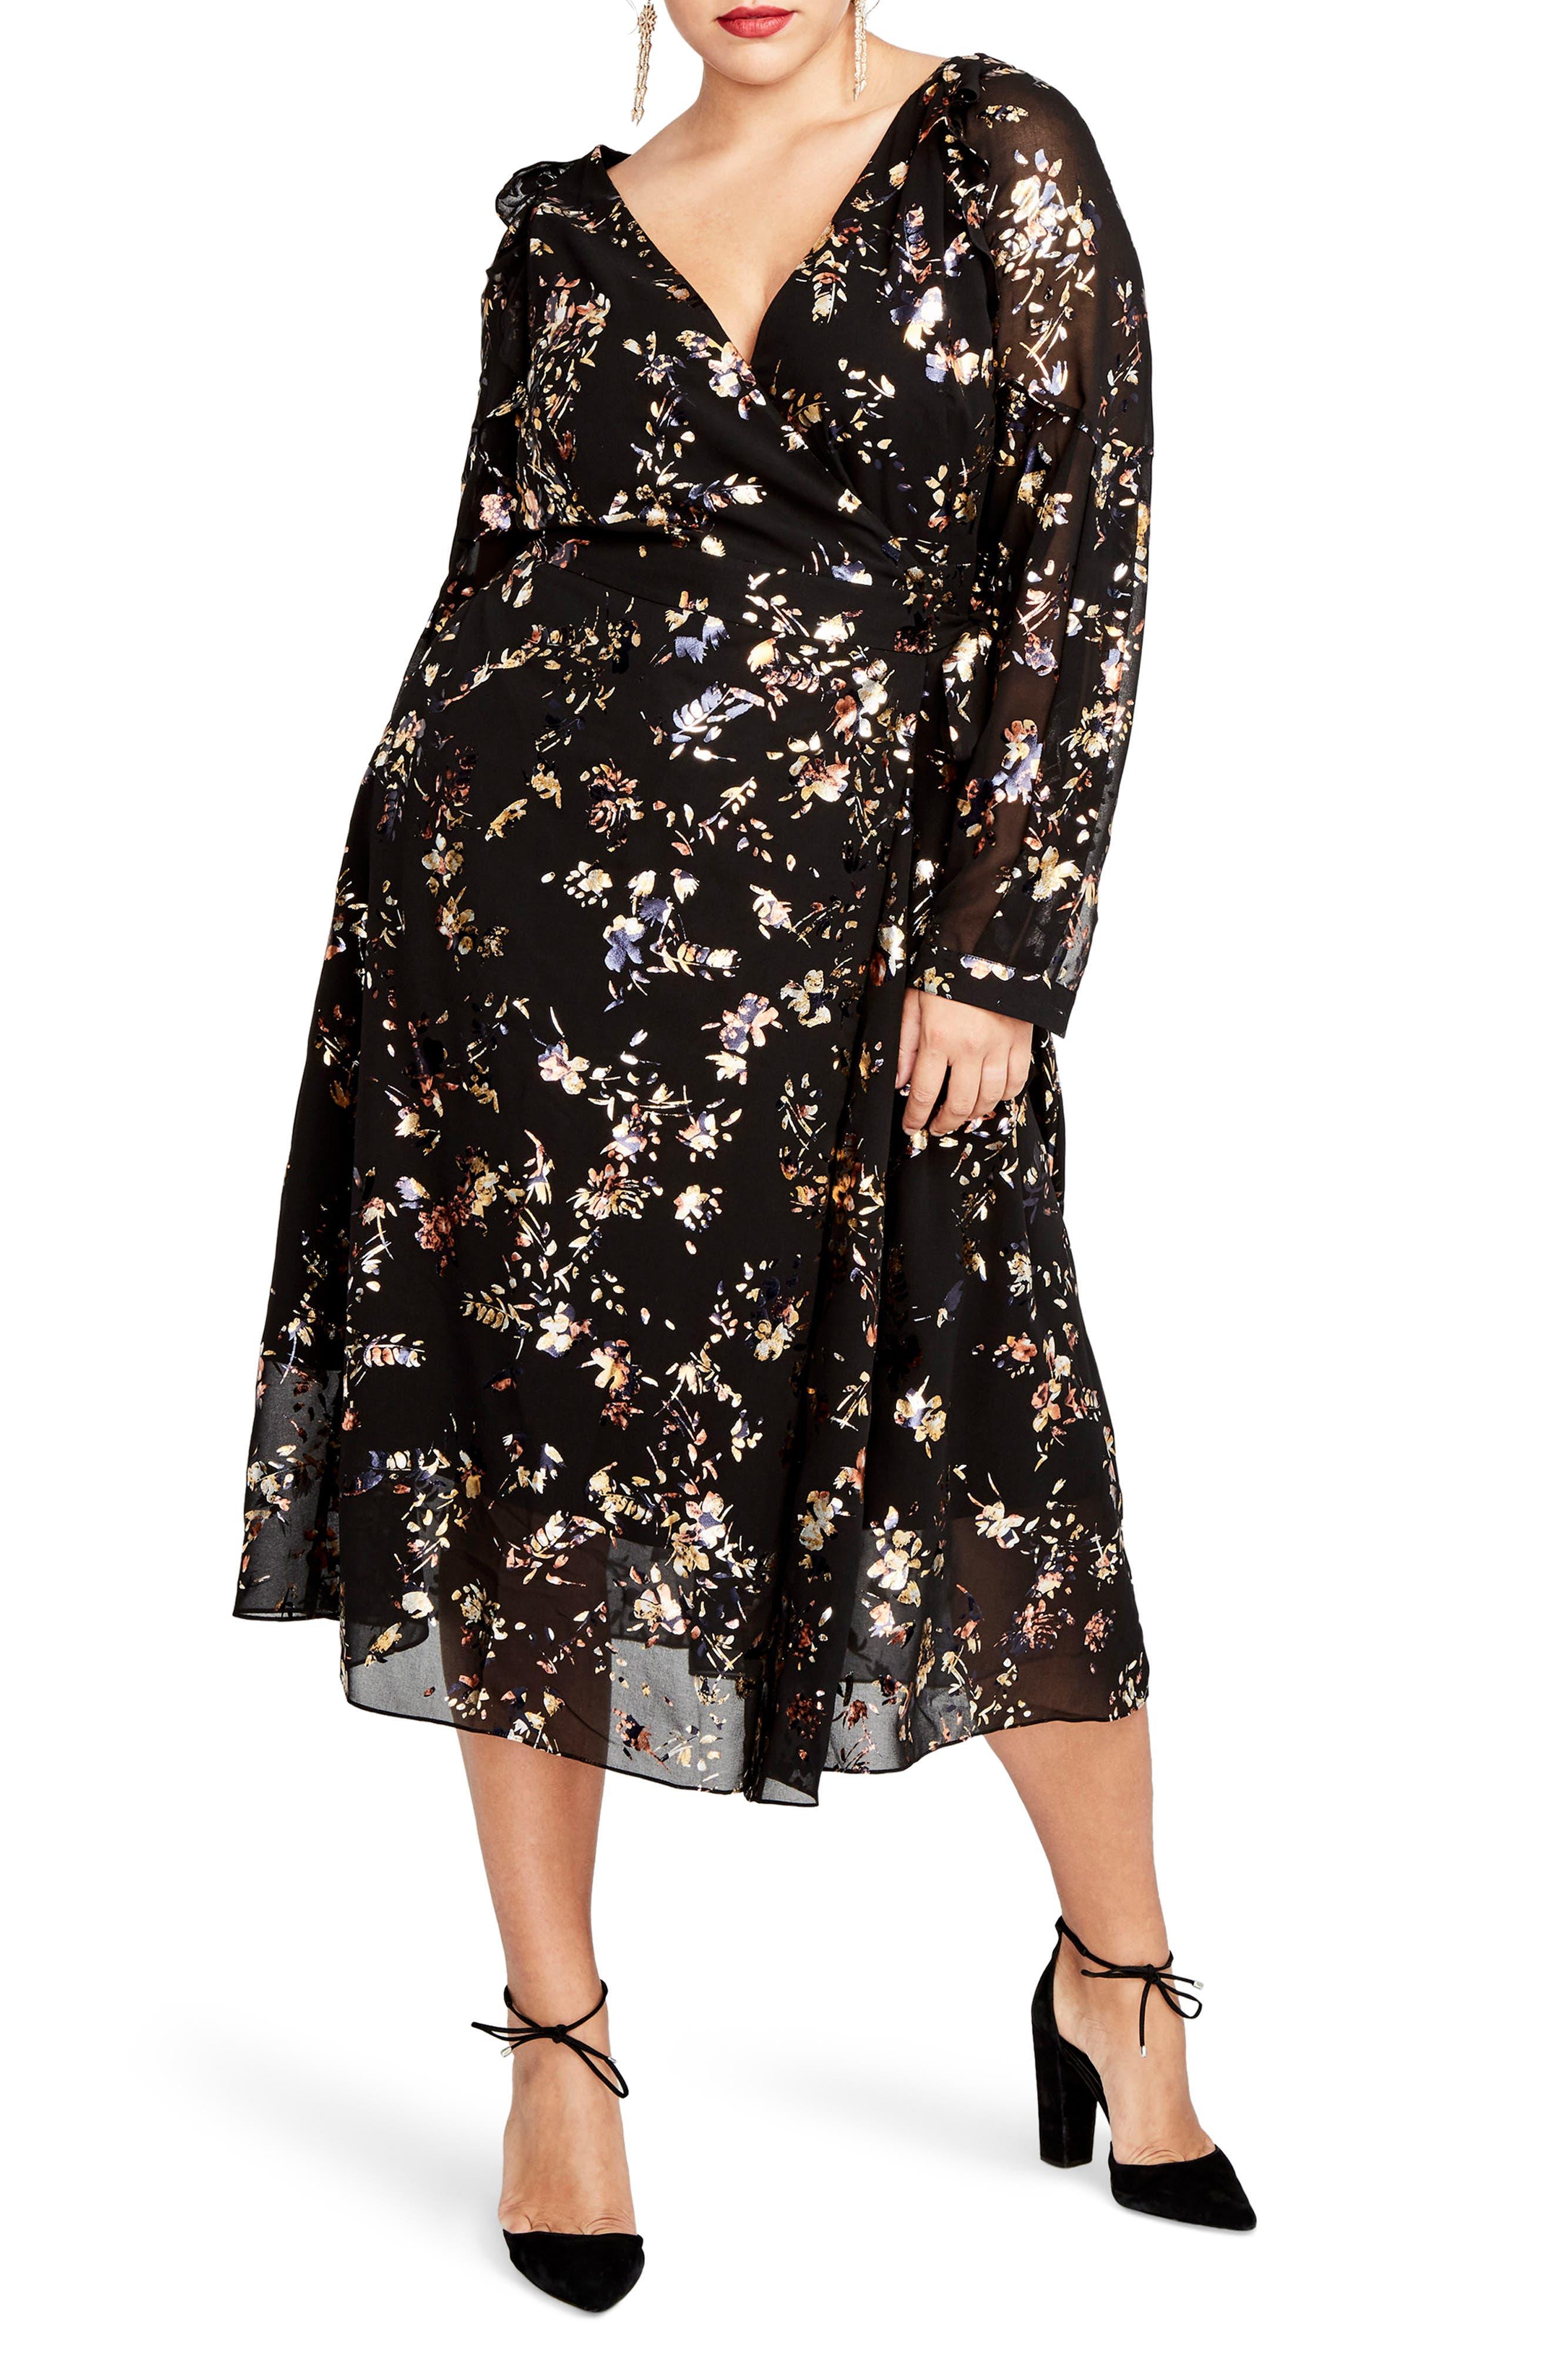 Main Image - RACHEL Rachel Roy Foiled Floral Faux Wrap Dress (Plus Size)